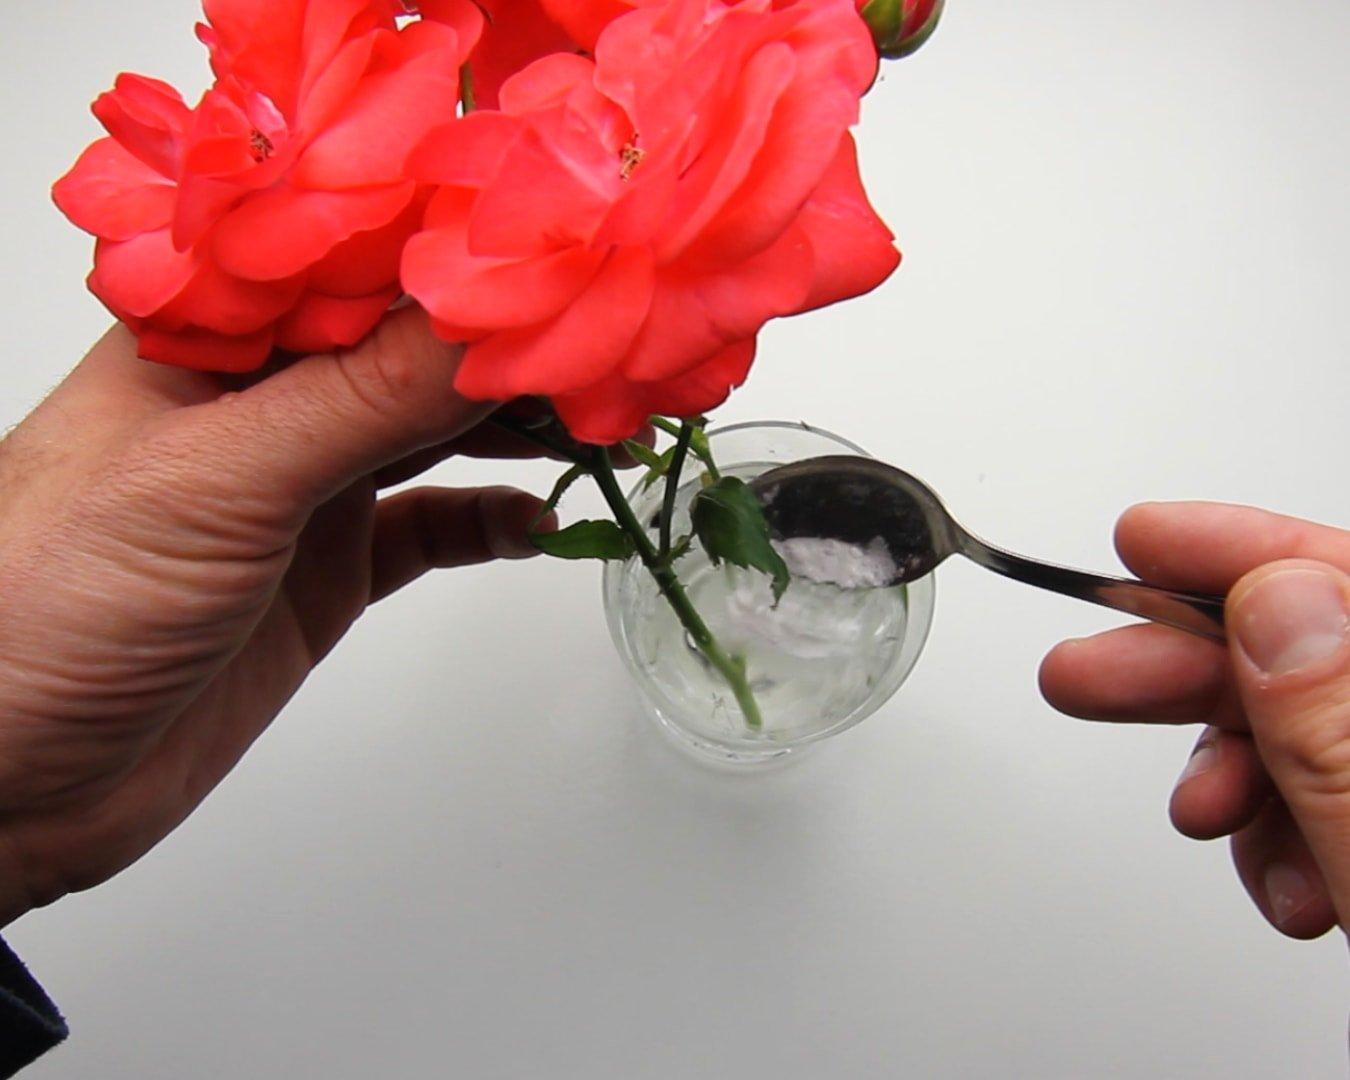 Πώς να κρατήσετε φρέσκα τα λουλούδια σας για περισσότερο χρόνο